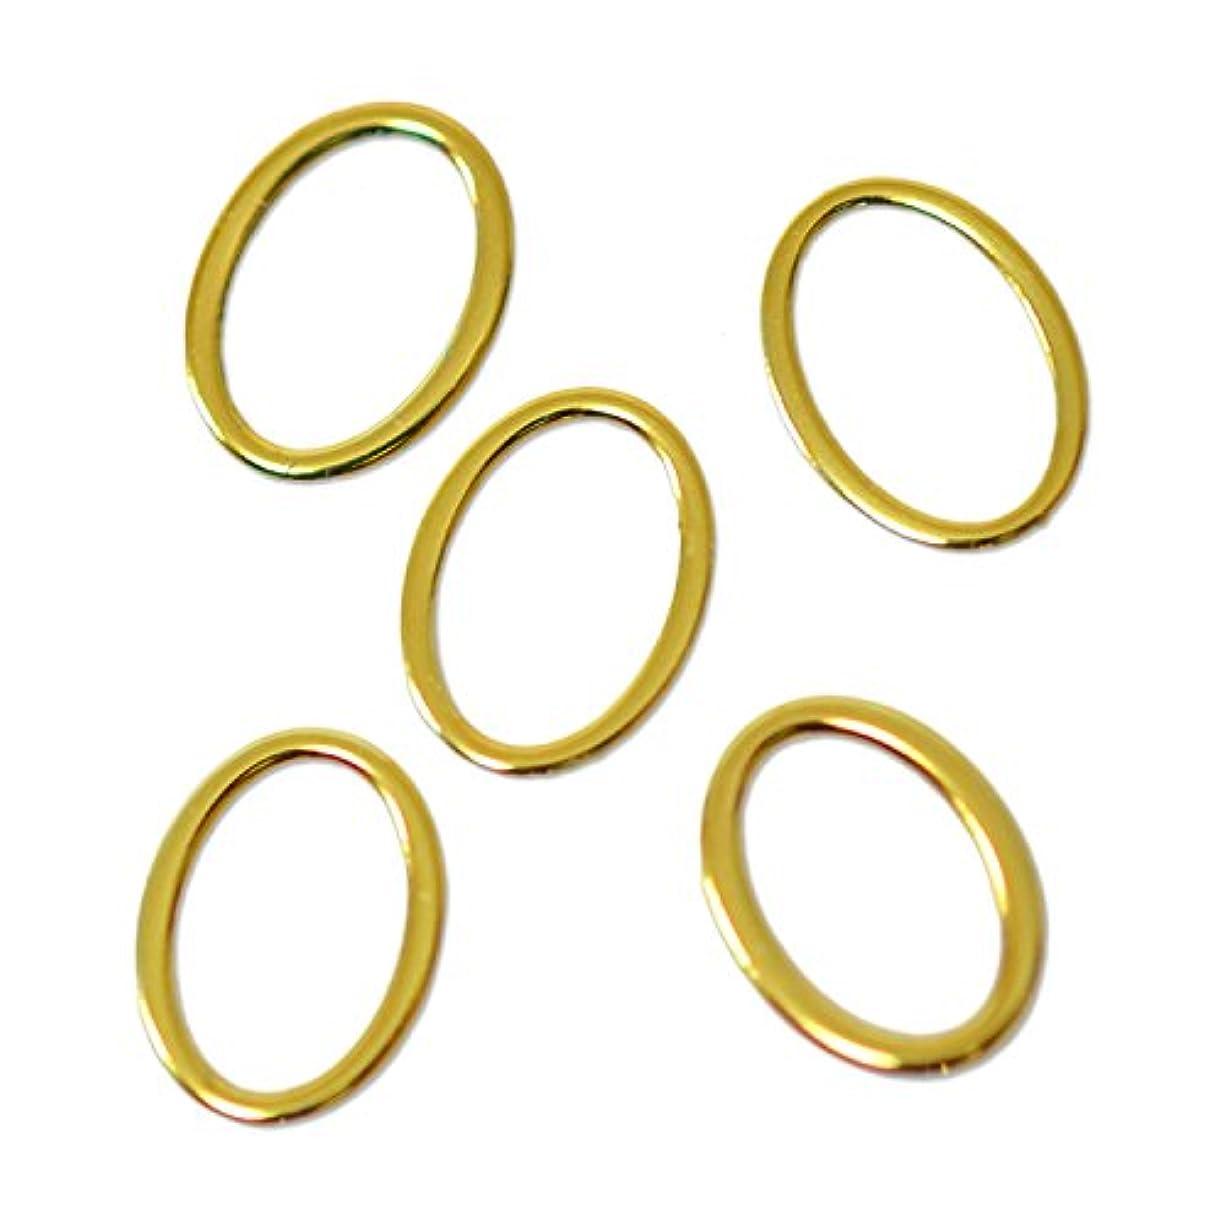 既婚家畜成功した薄型メタルパーツ10010 オーバル 楕円形  外寸約4×6mm/内寸約3×5mm ゴールド 20個入り 片面仕上げ